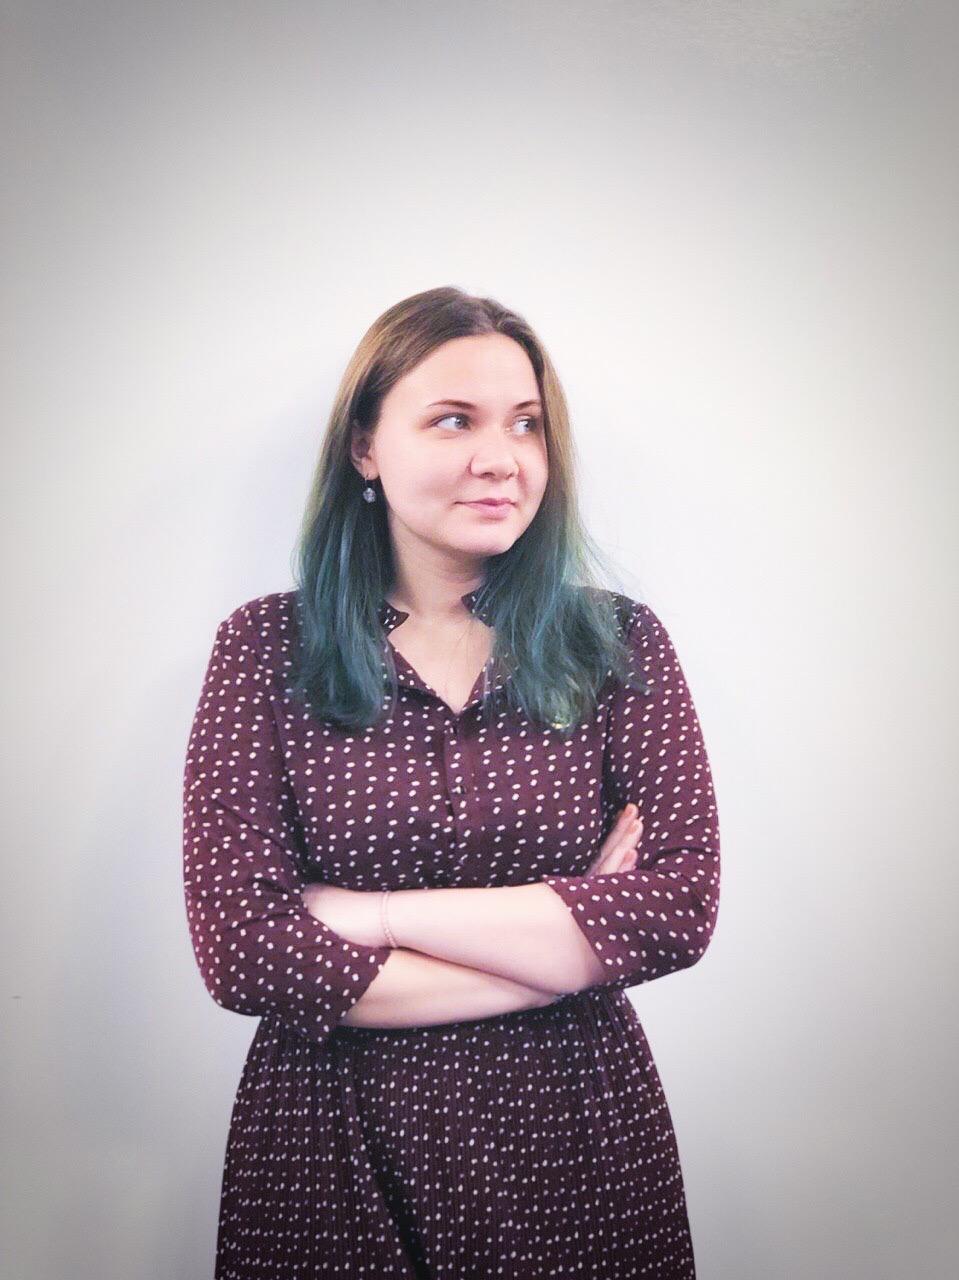 Аннa Харитонова